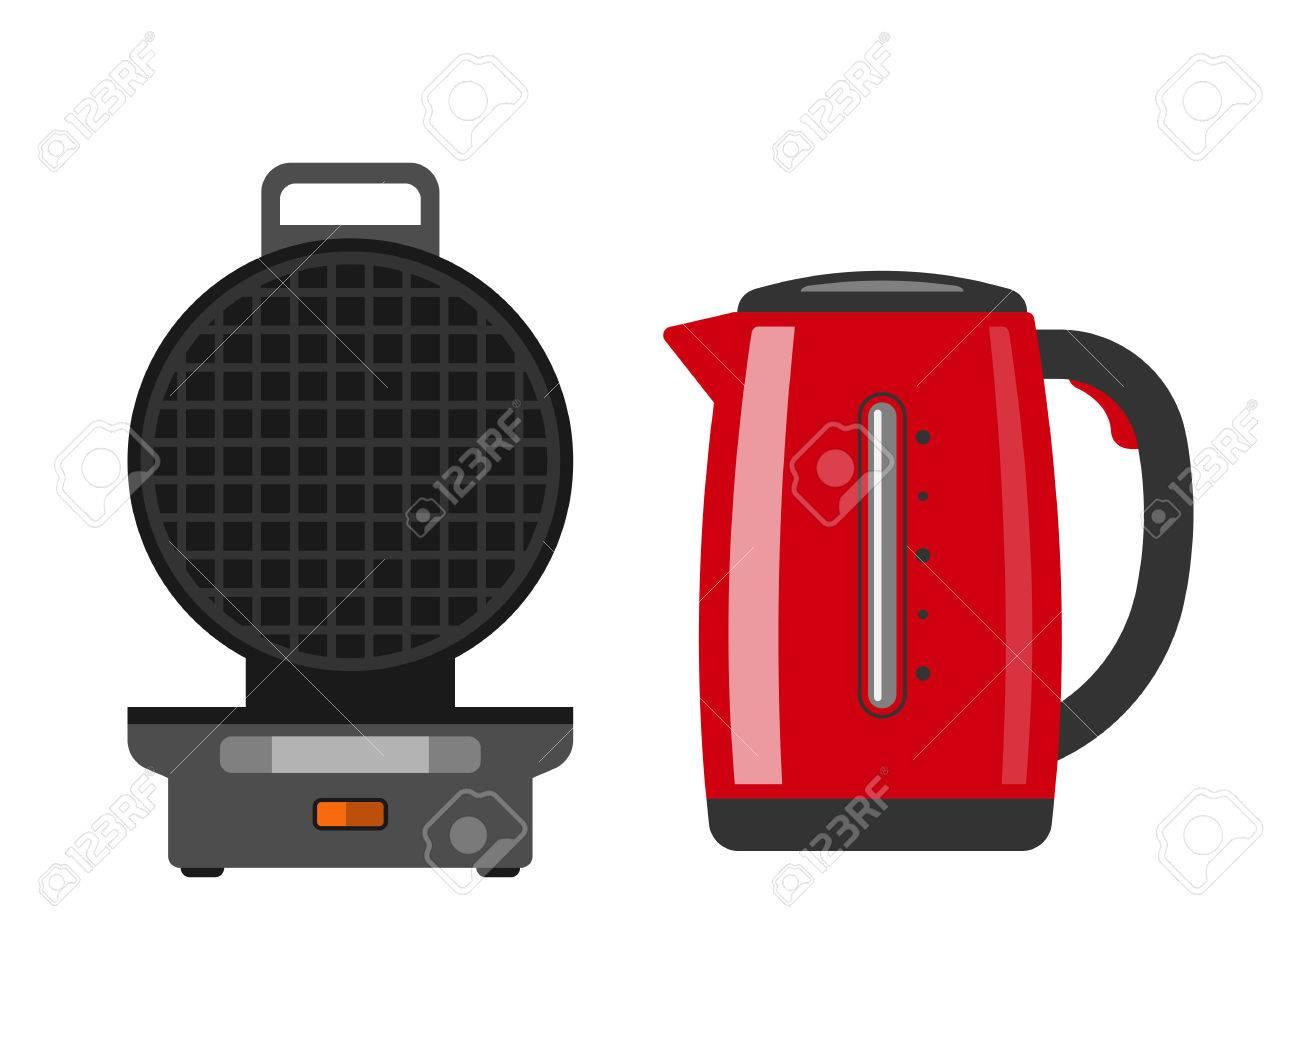 Marvelous Foto De Archivo   Waffle Fabricante De La Máquina Fácil De Hacer La Comida  En El Hogar Electrodoméstico Cocina Cocinar Desayuno Preparación Y Postre  ...